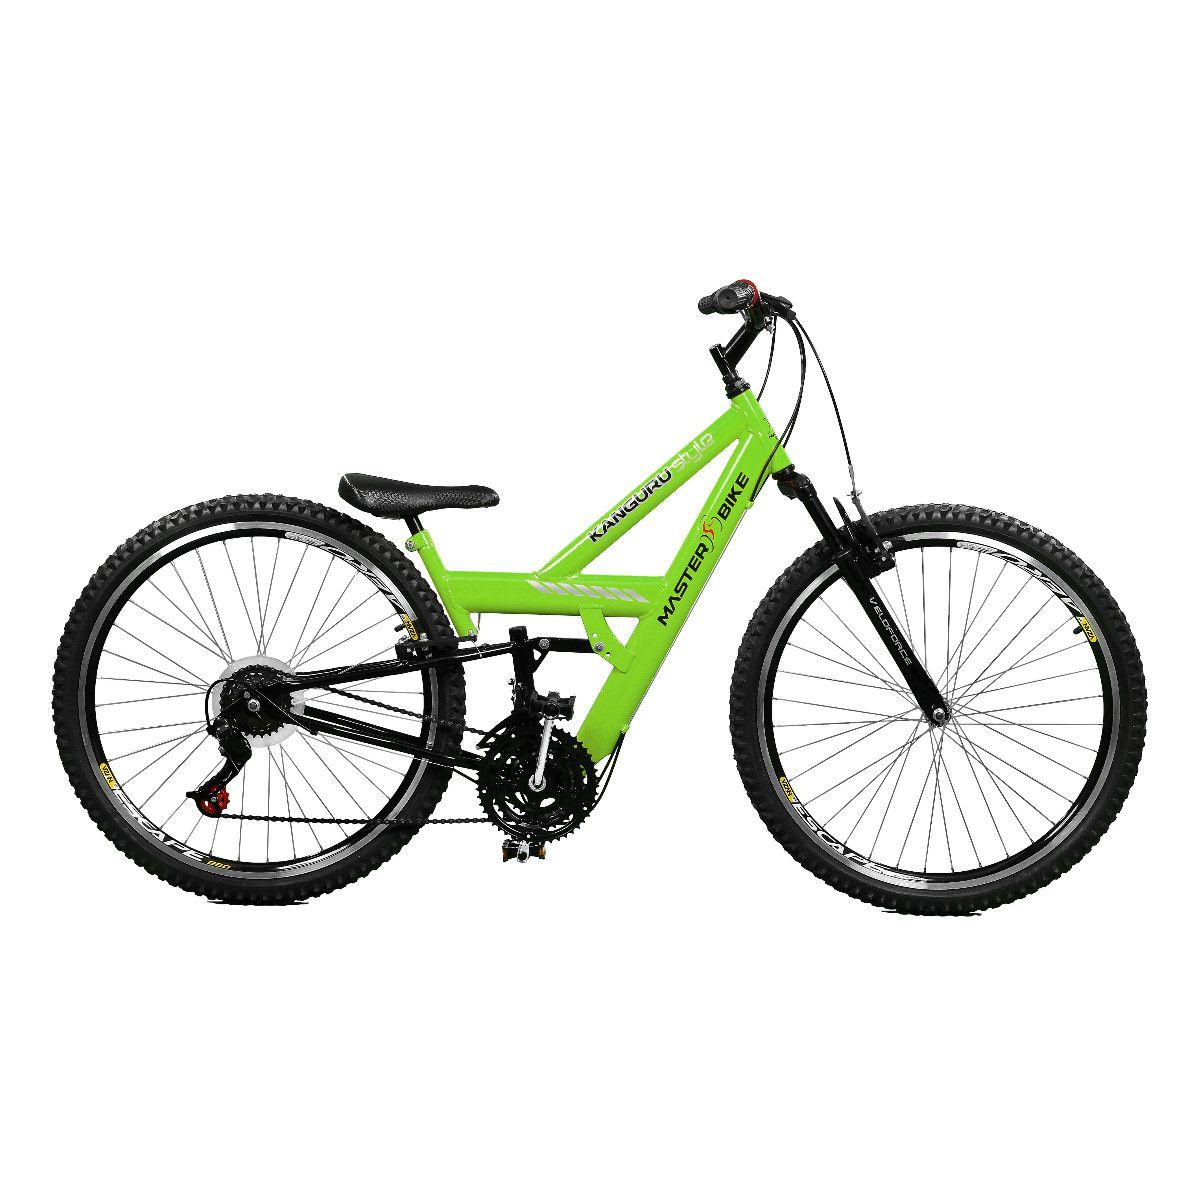 Bicicleta Master Bike Aro 26 Kanguru Rebaixada 21 V A-36 Verde/Preto